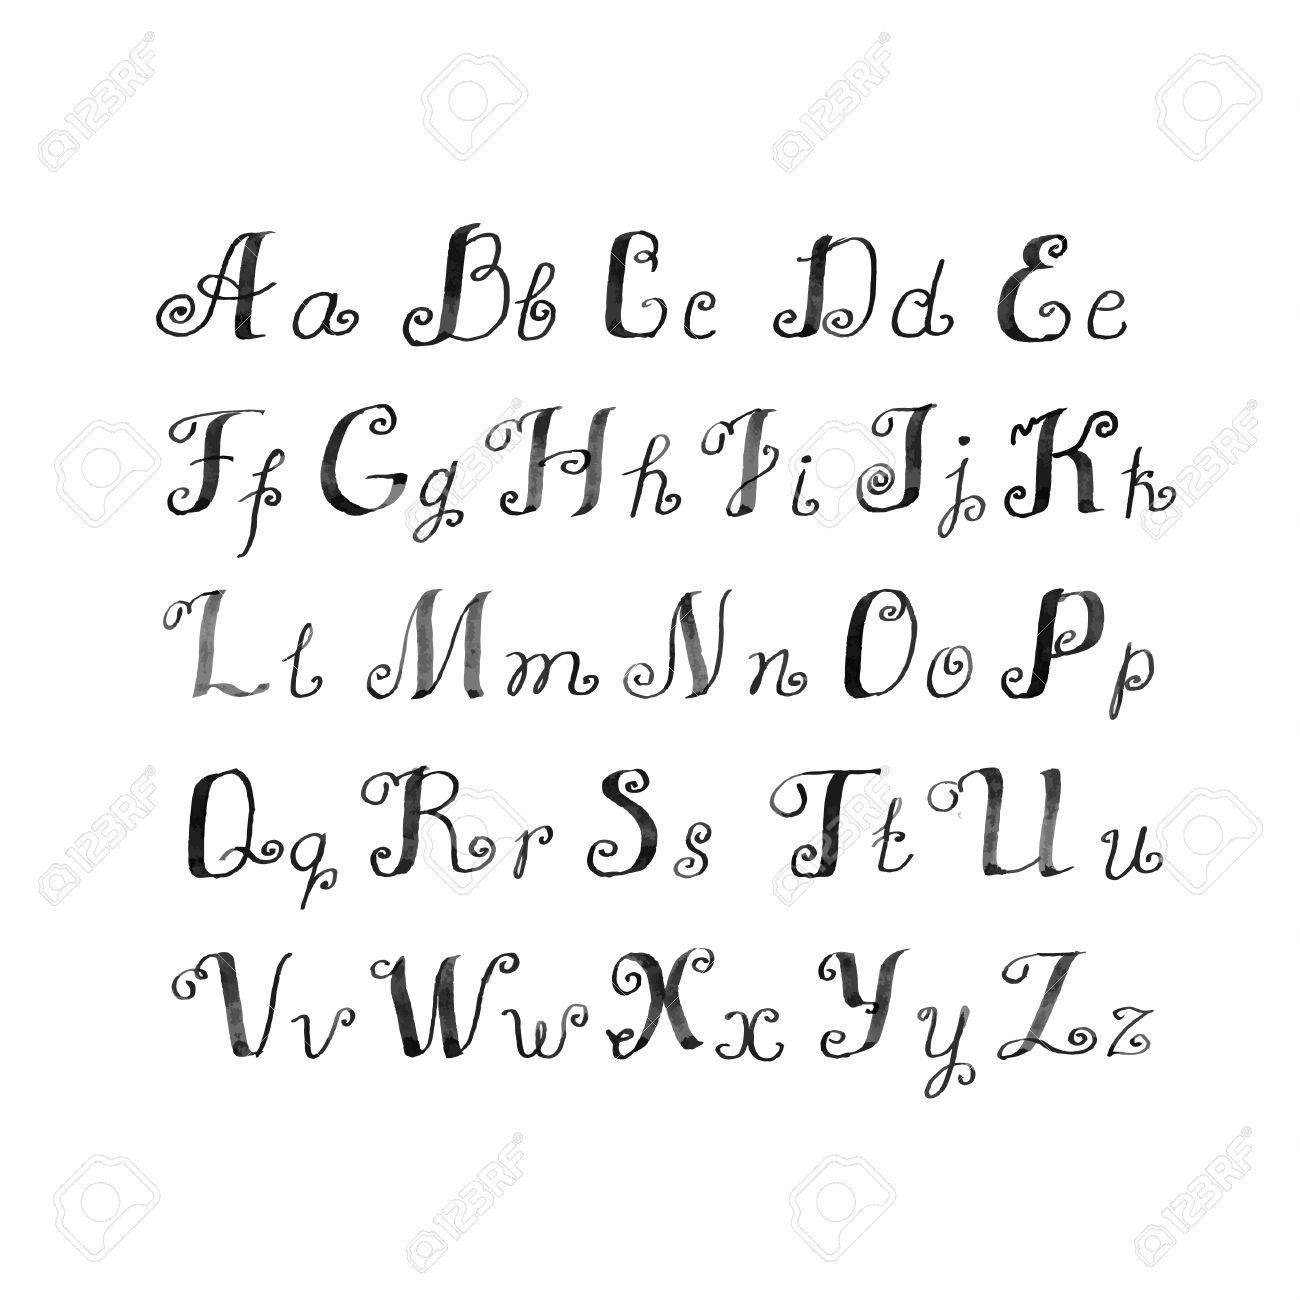 かわいい手書きのインク アルファベット ロイヤリティフリークリップ